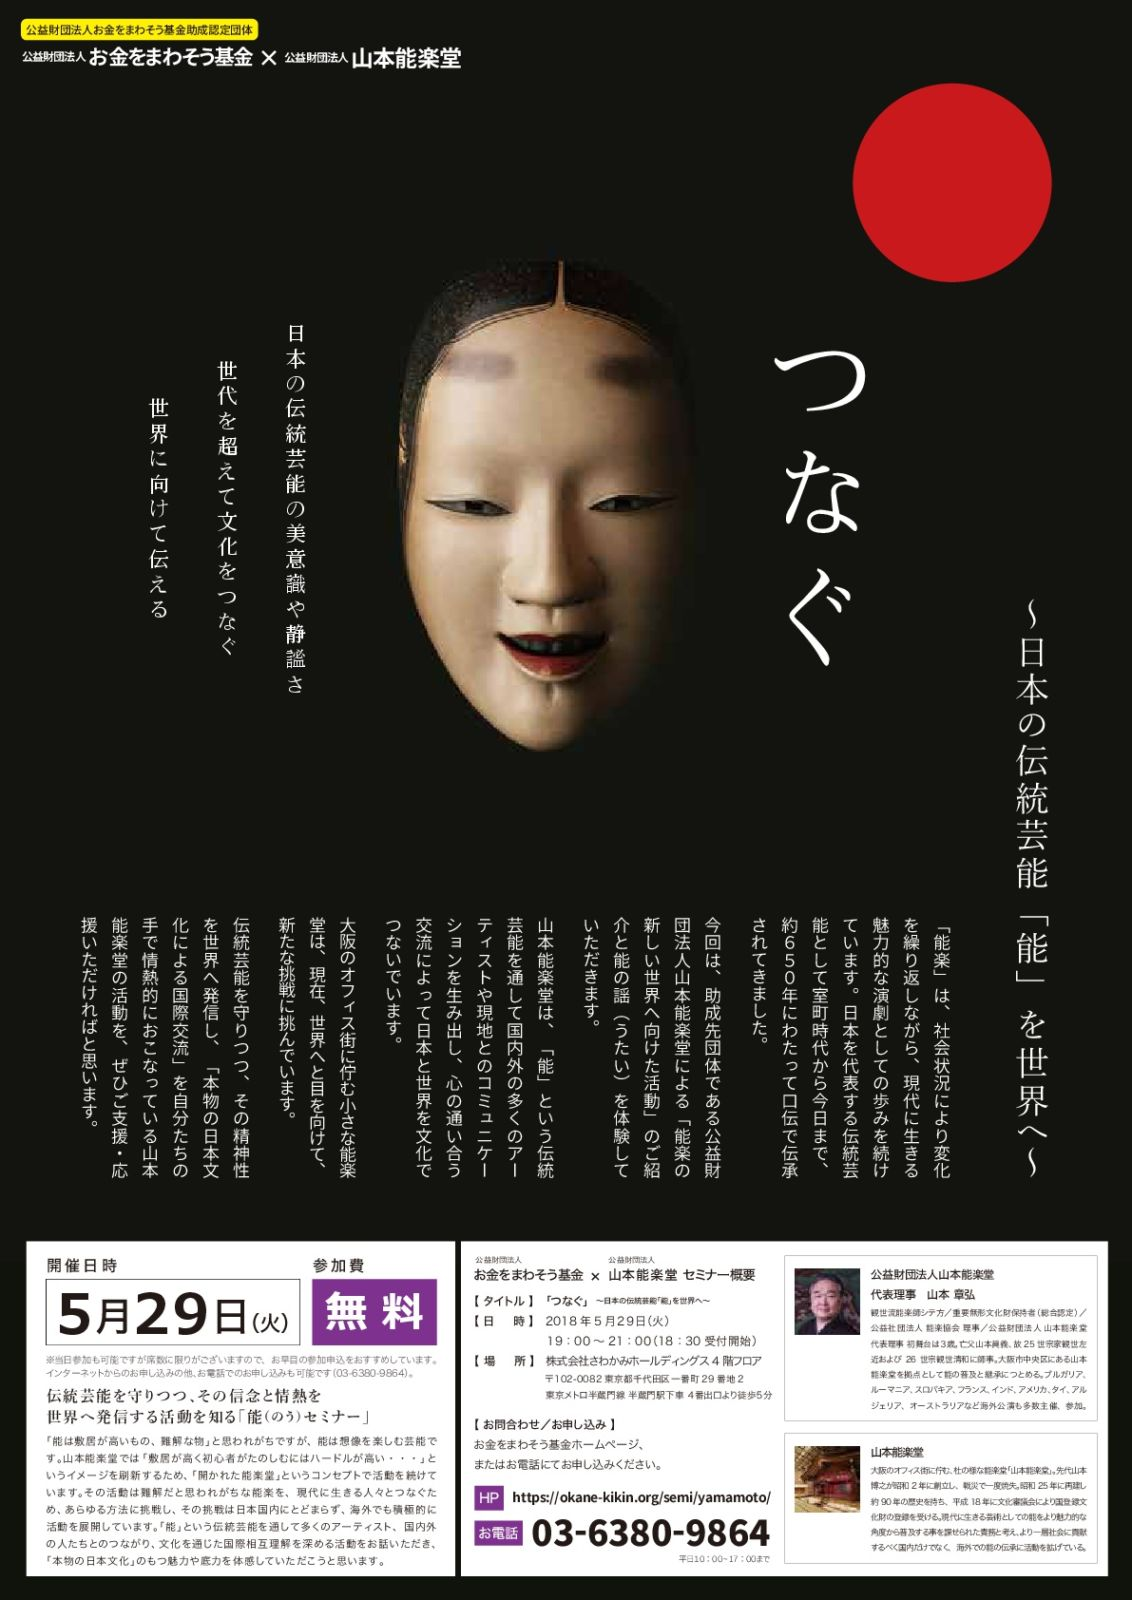 山本能楽堂セミナー開催『つなぐ~日本の伝統芸能「能」を世界へ~』